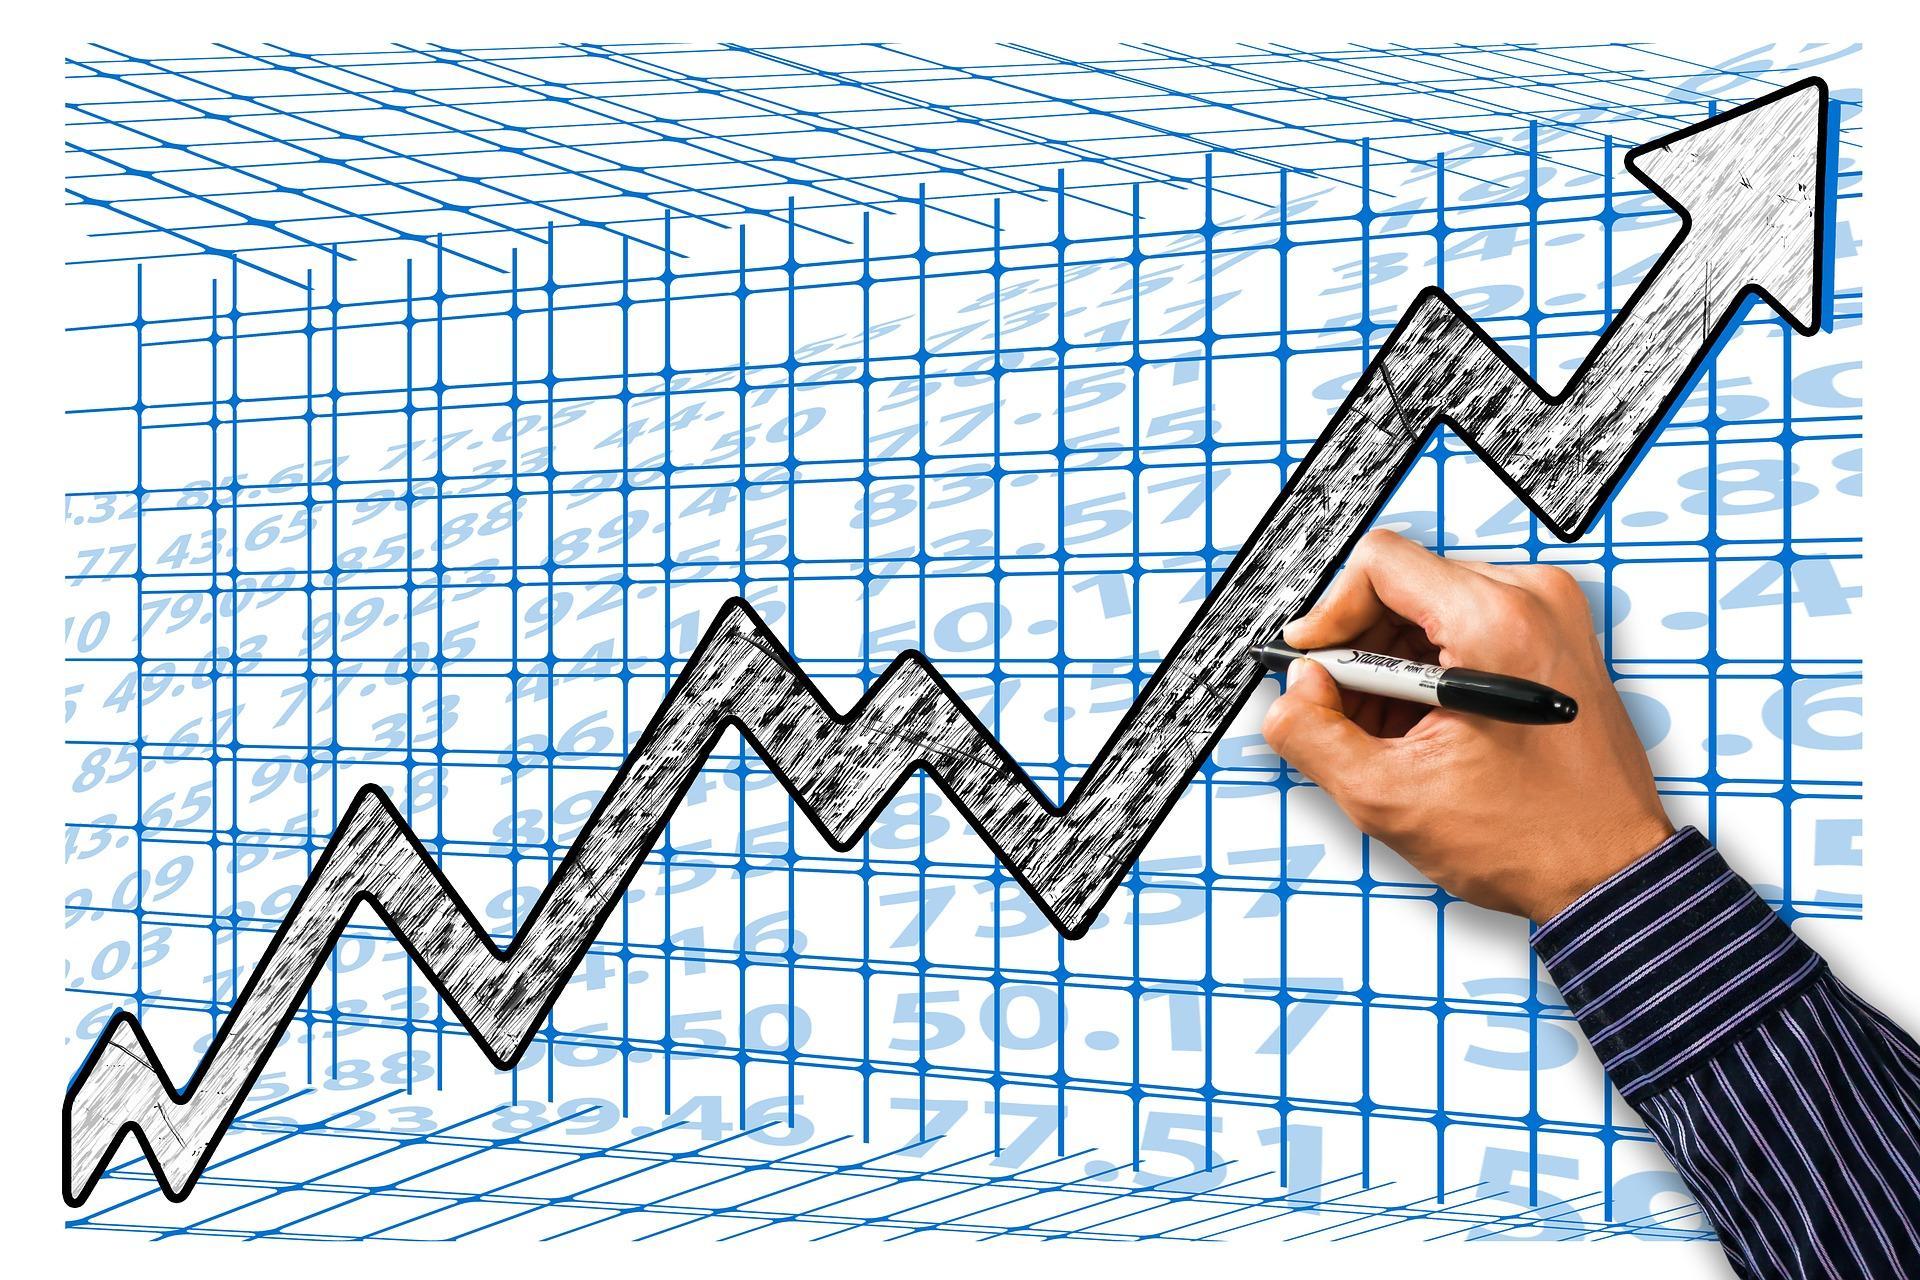 Festsetzungsverjährung bei der Nachforderung von Kapitalertragsteuer